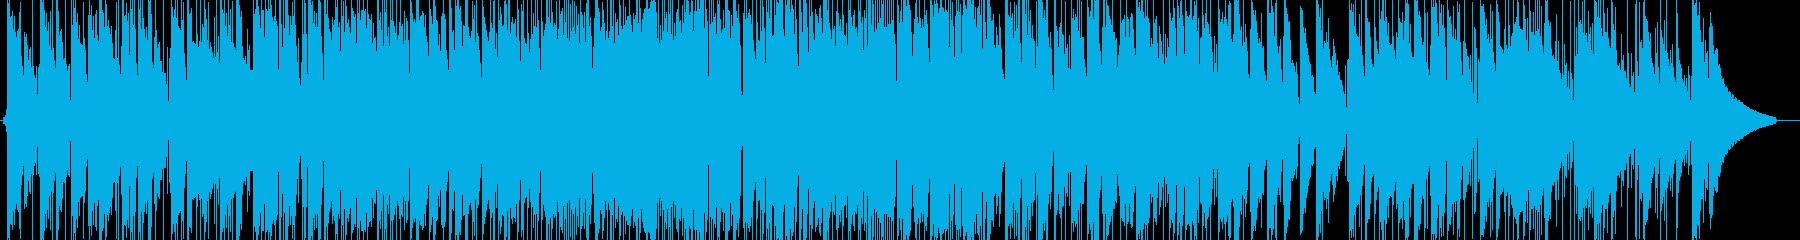 爽やかなピアノトリオ(オリジナル)の再生済みの波形